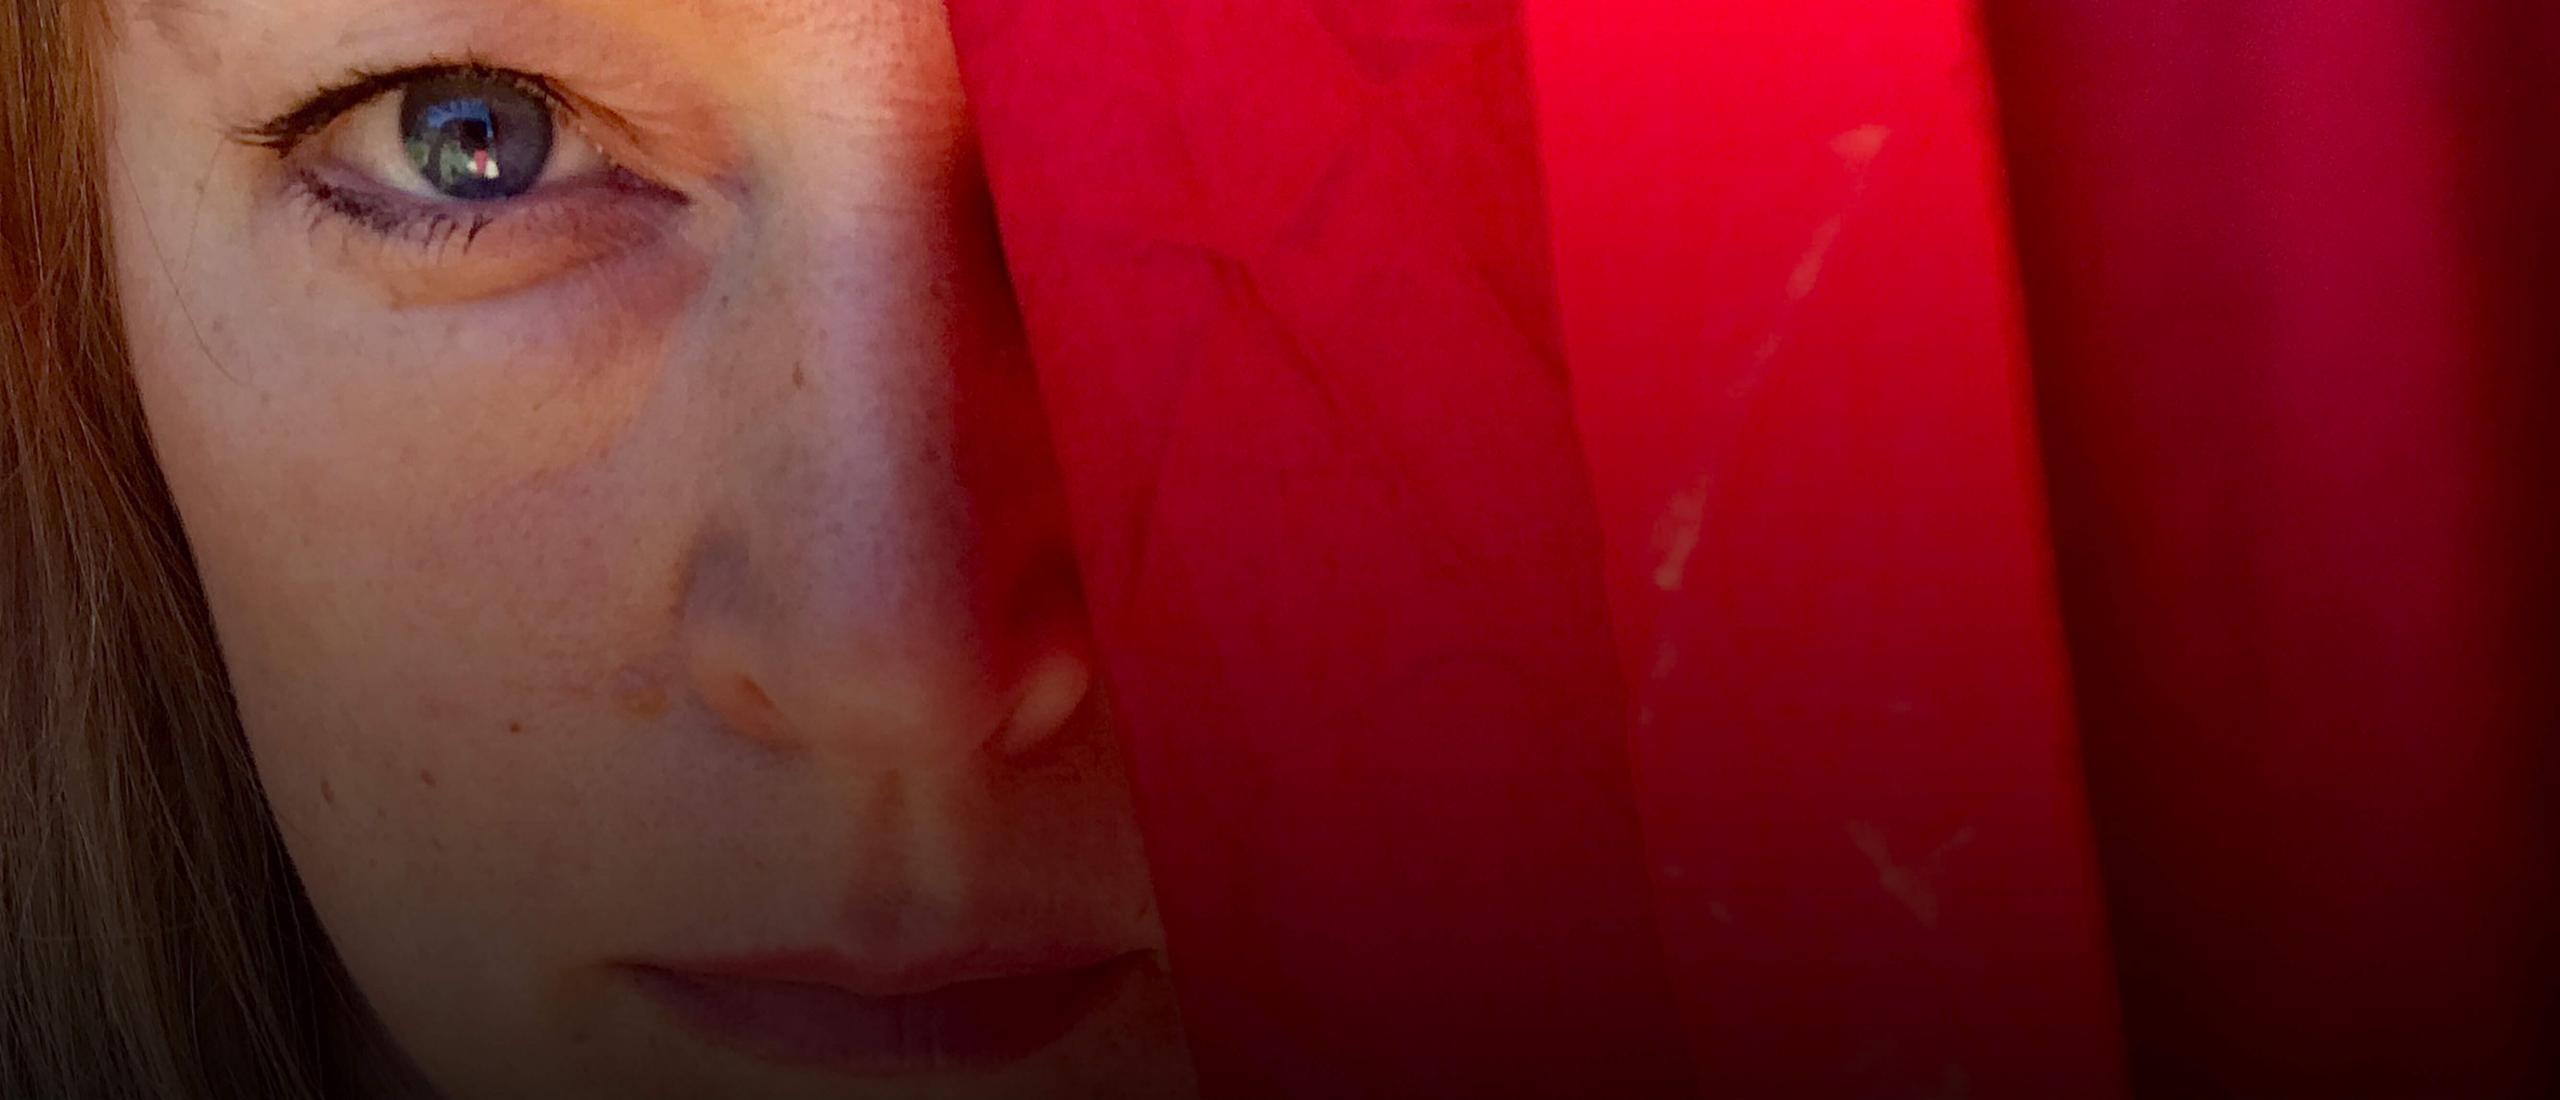 Camilla Heidenberg i konsertföreställningen Den röda rosen som streamas av Nordens institut på Åland